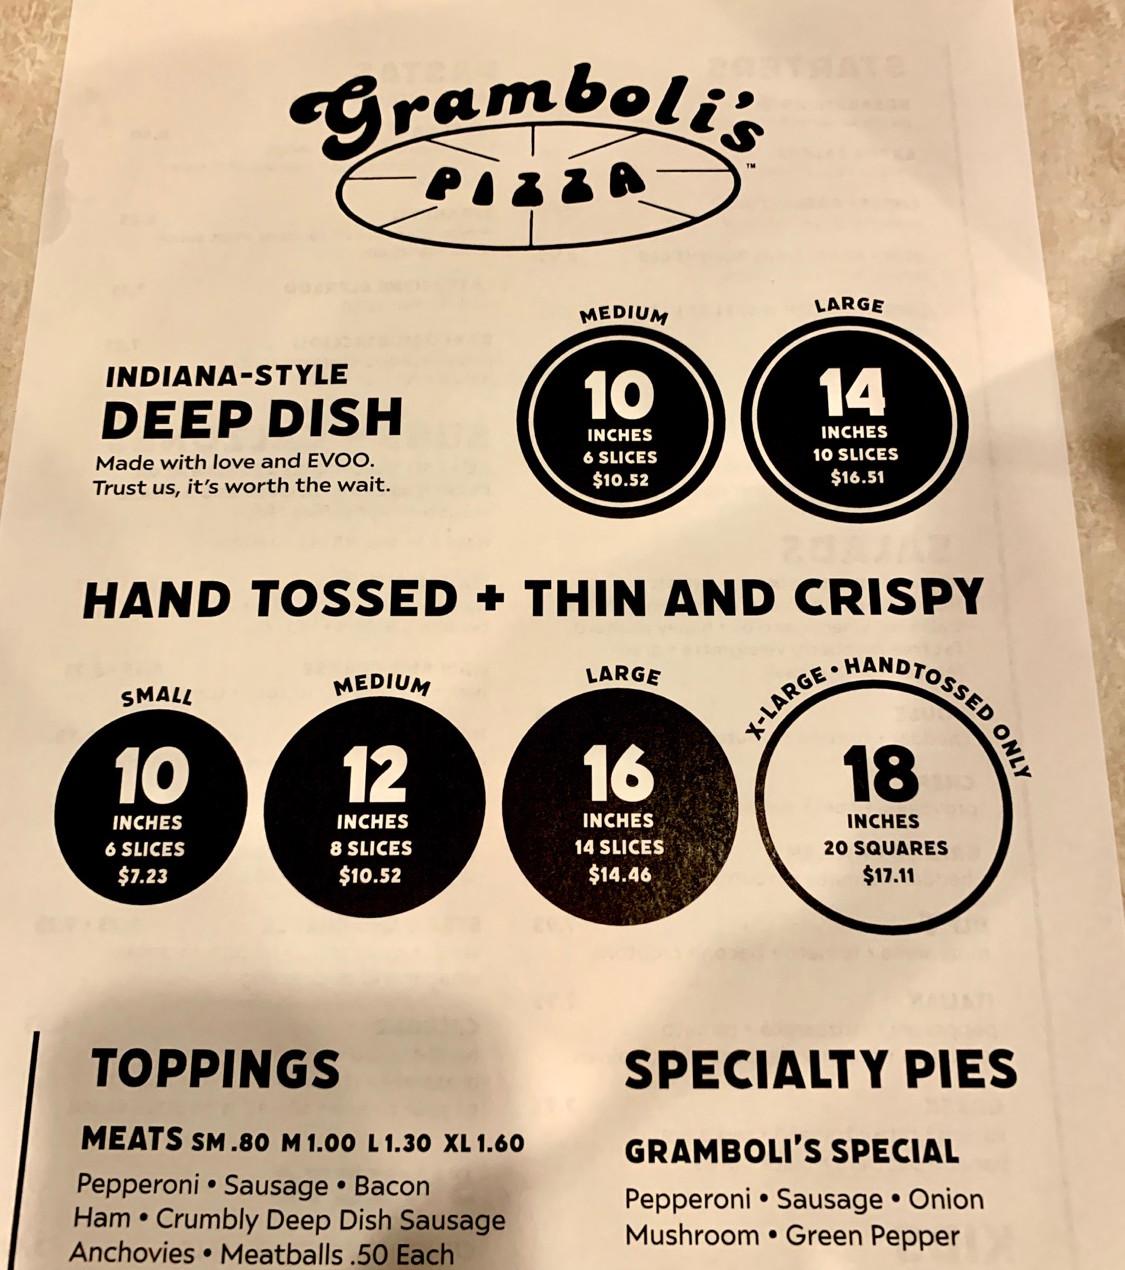 gramboli's pizza menu